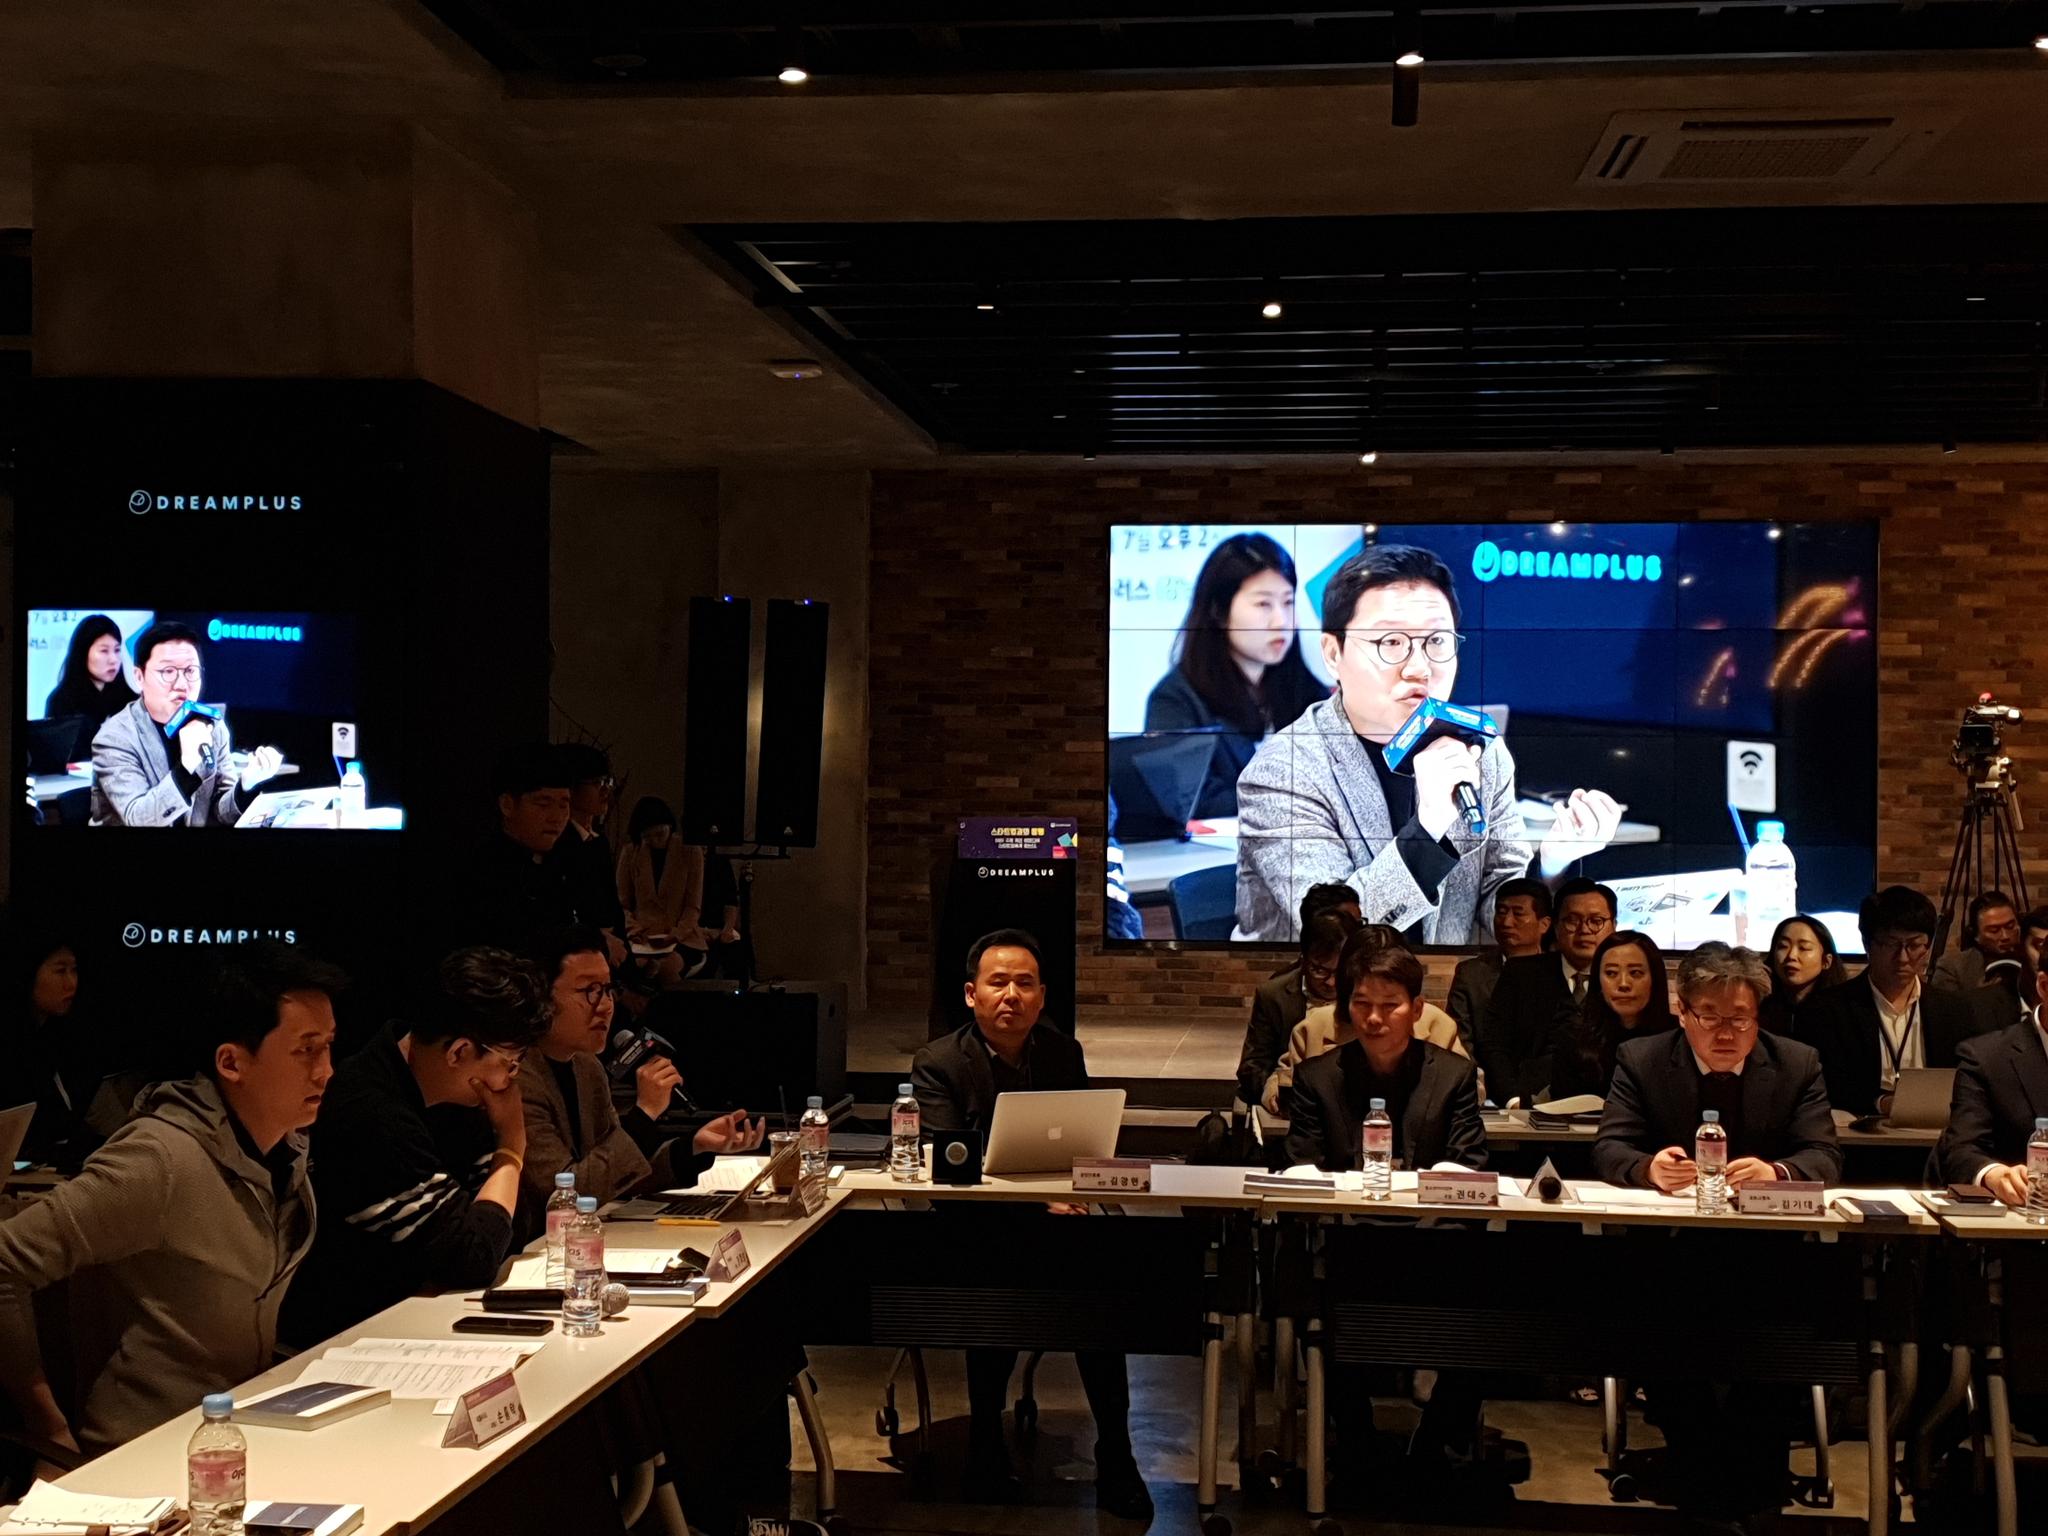 위쿡 김기웅(39) 대표가 스타트업 규제 개선 토론회에서 규제 애로사항을 발언하고 있다. 김정민 기자